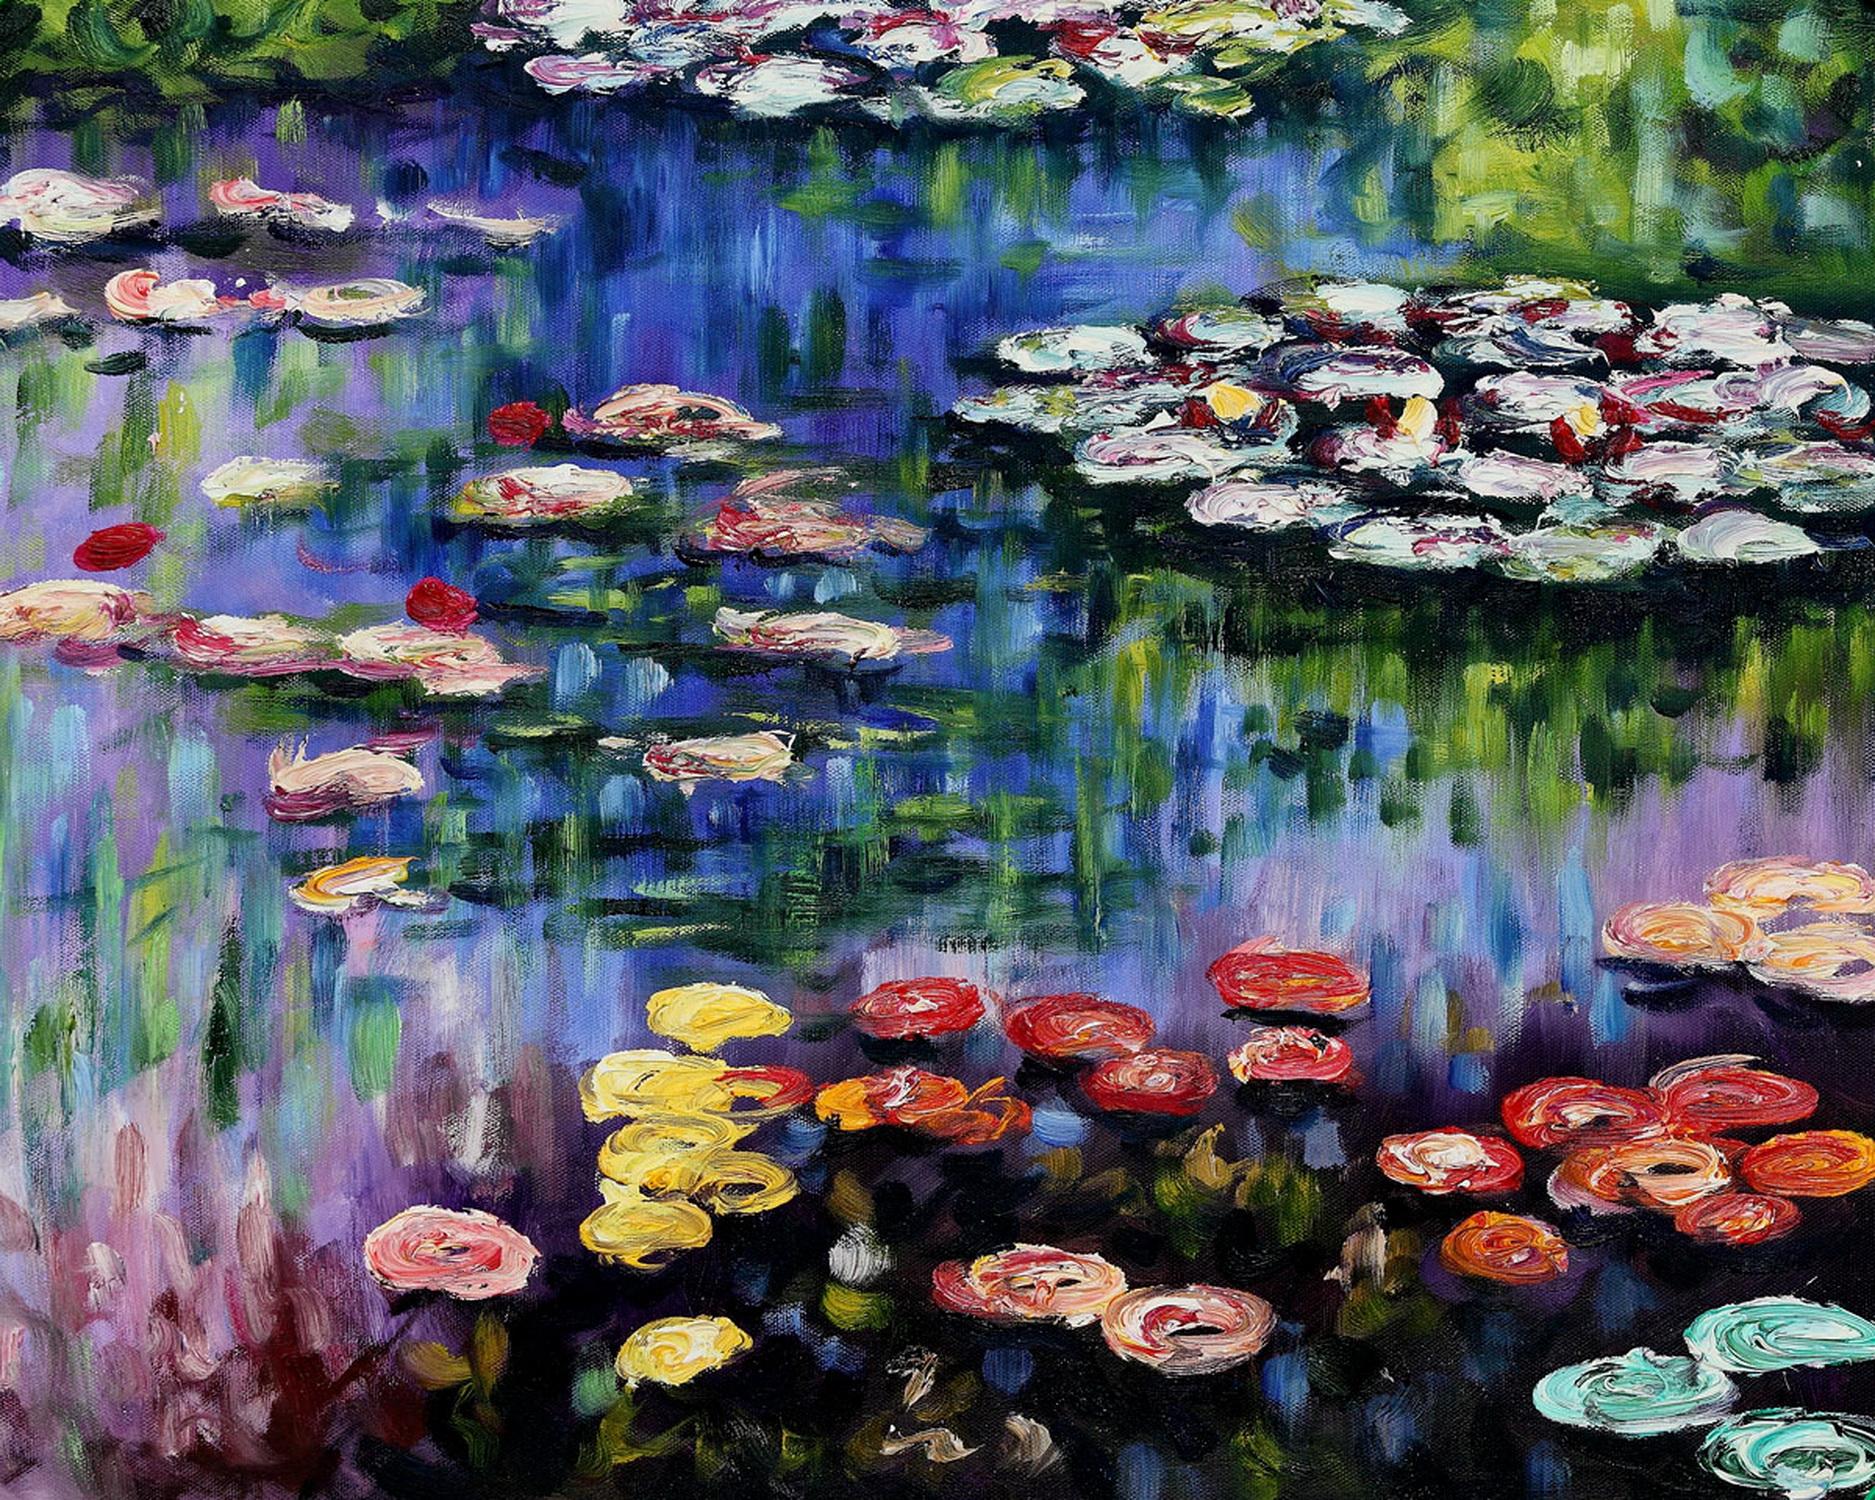 Claude monet water lilies art pinterest for Claude monet artwork